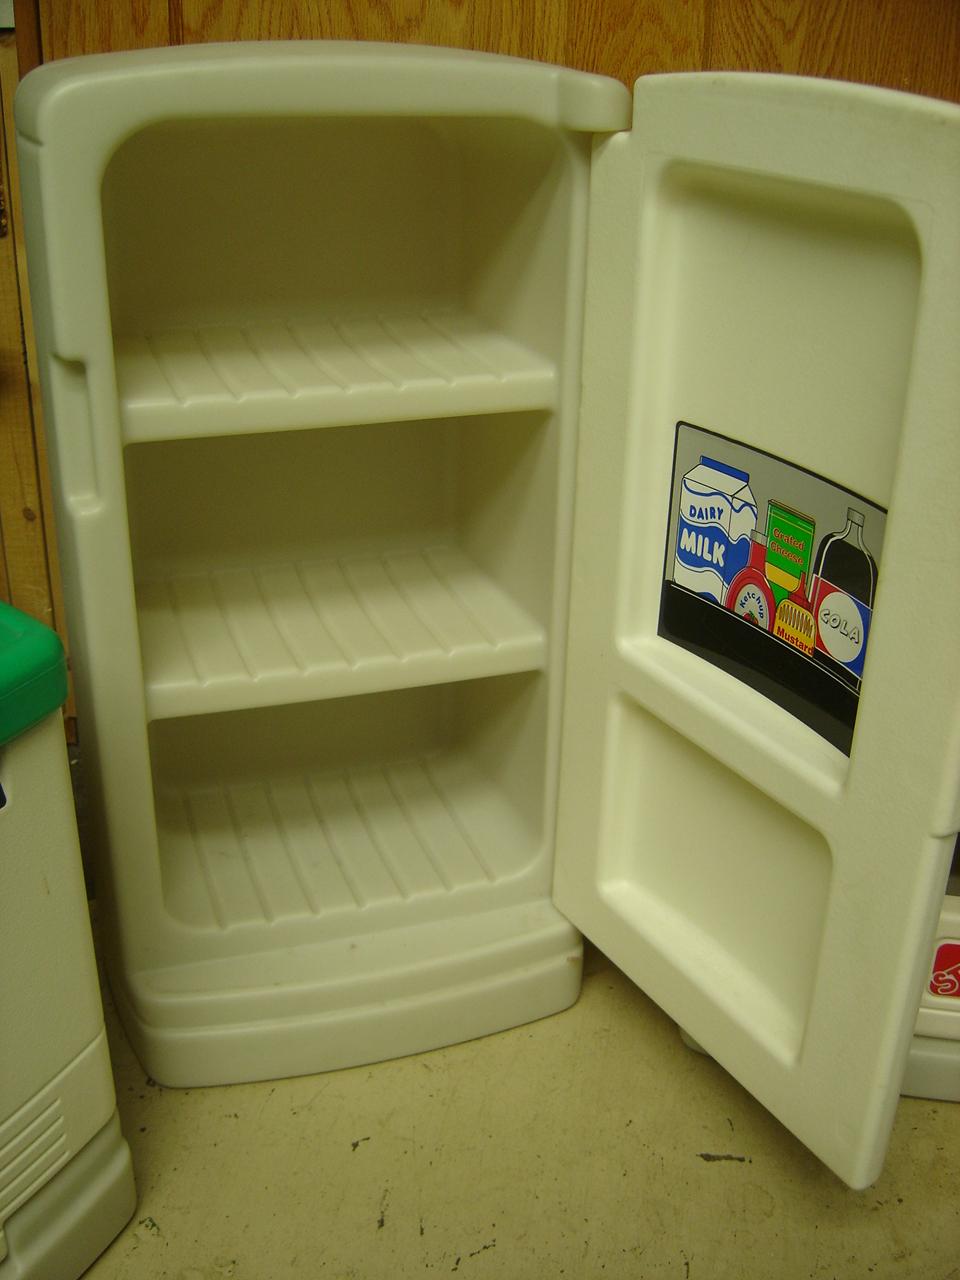 Click Image To Find More Men S Fashion: Step 2 Vintage Toddler Kitchen Set Refrigerator Stove Oven